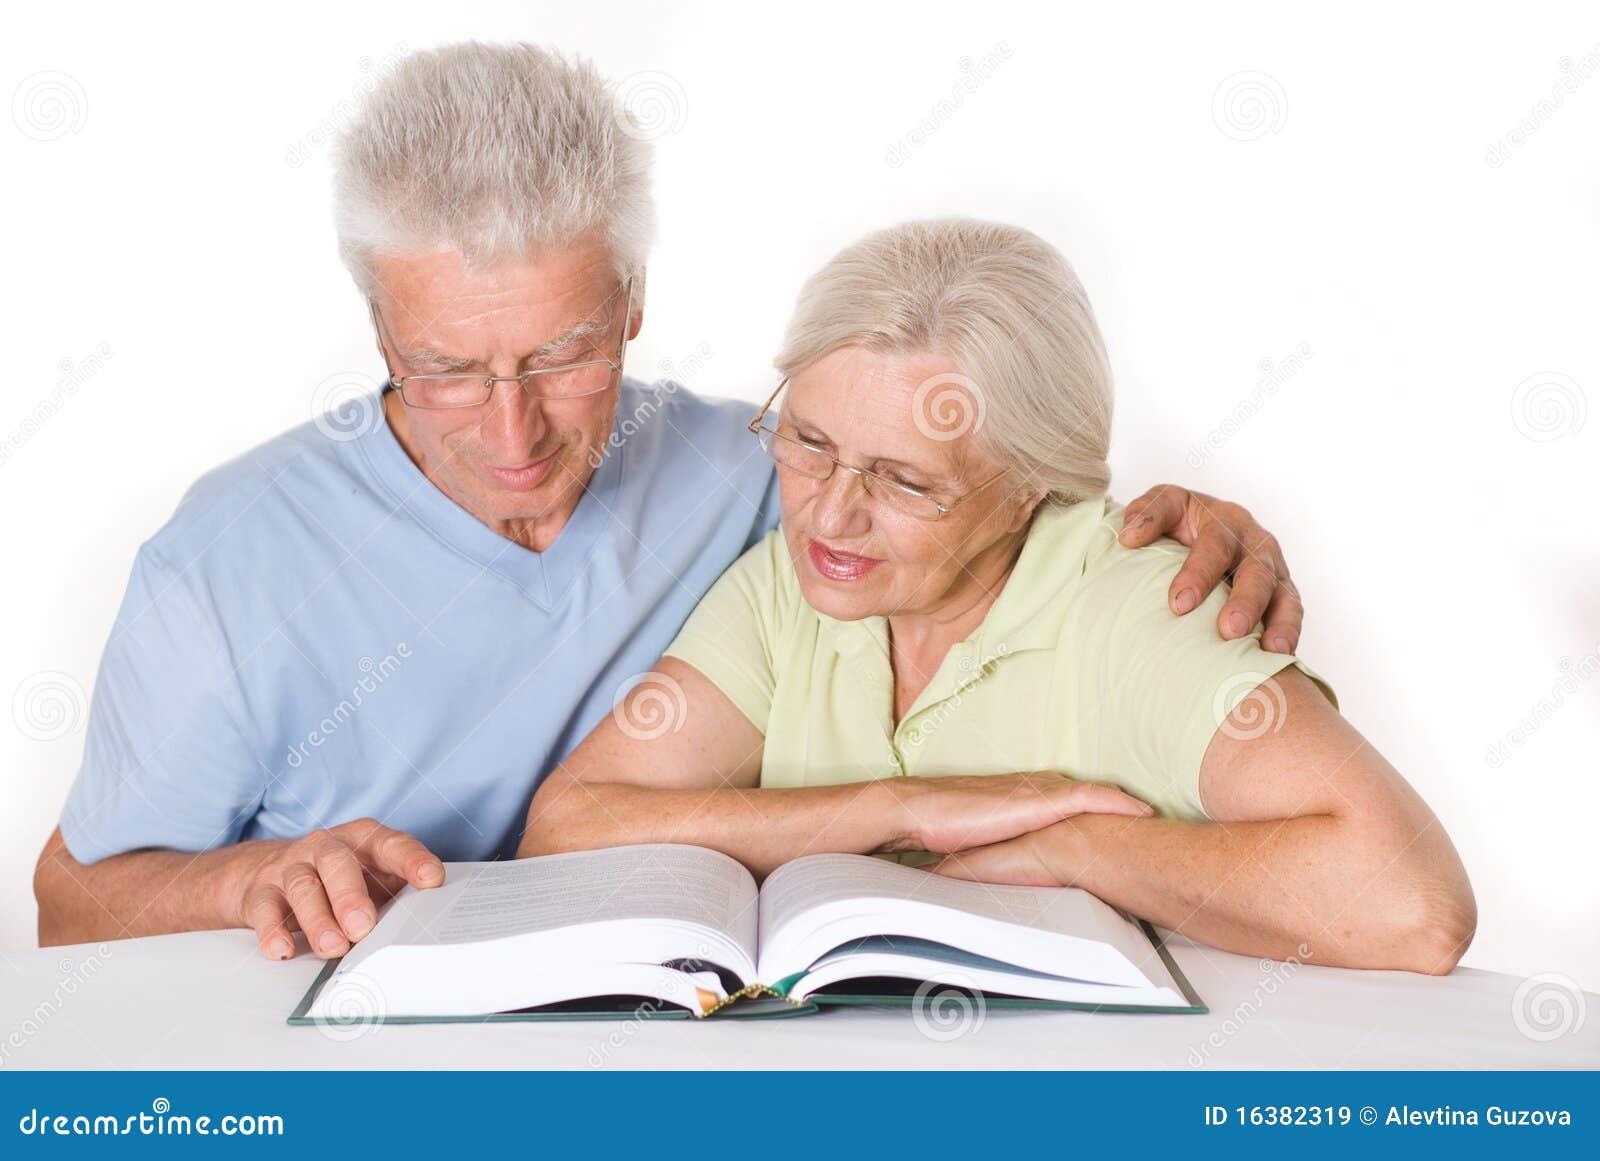 Starsze osoby dobierają się wpólnie